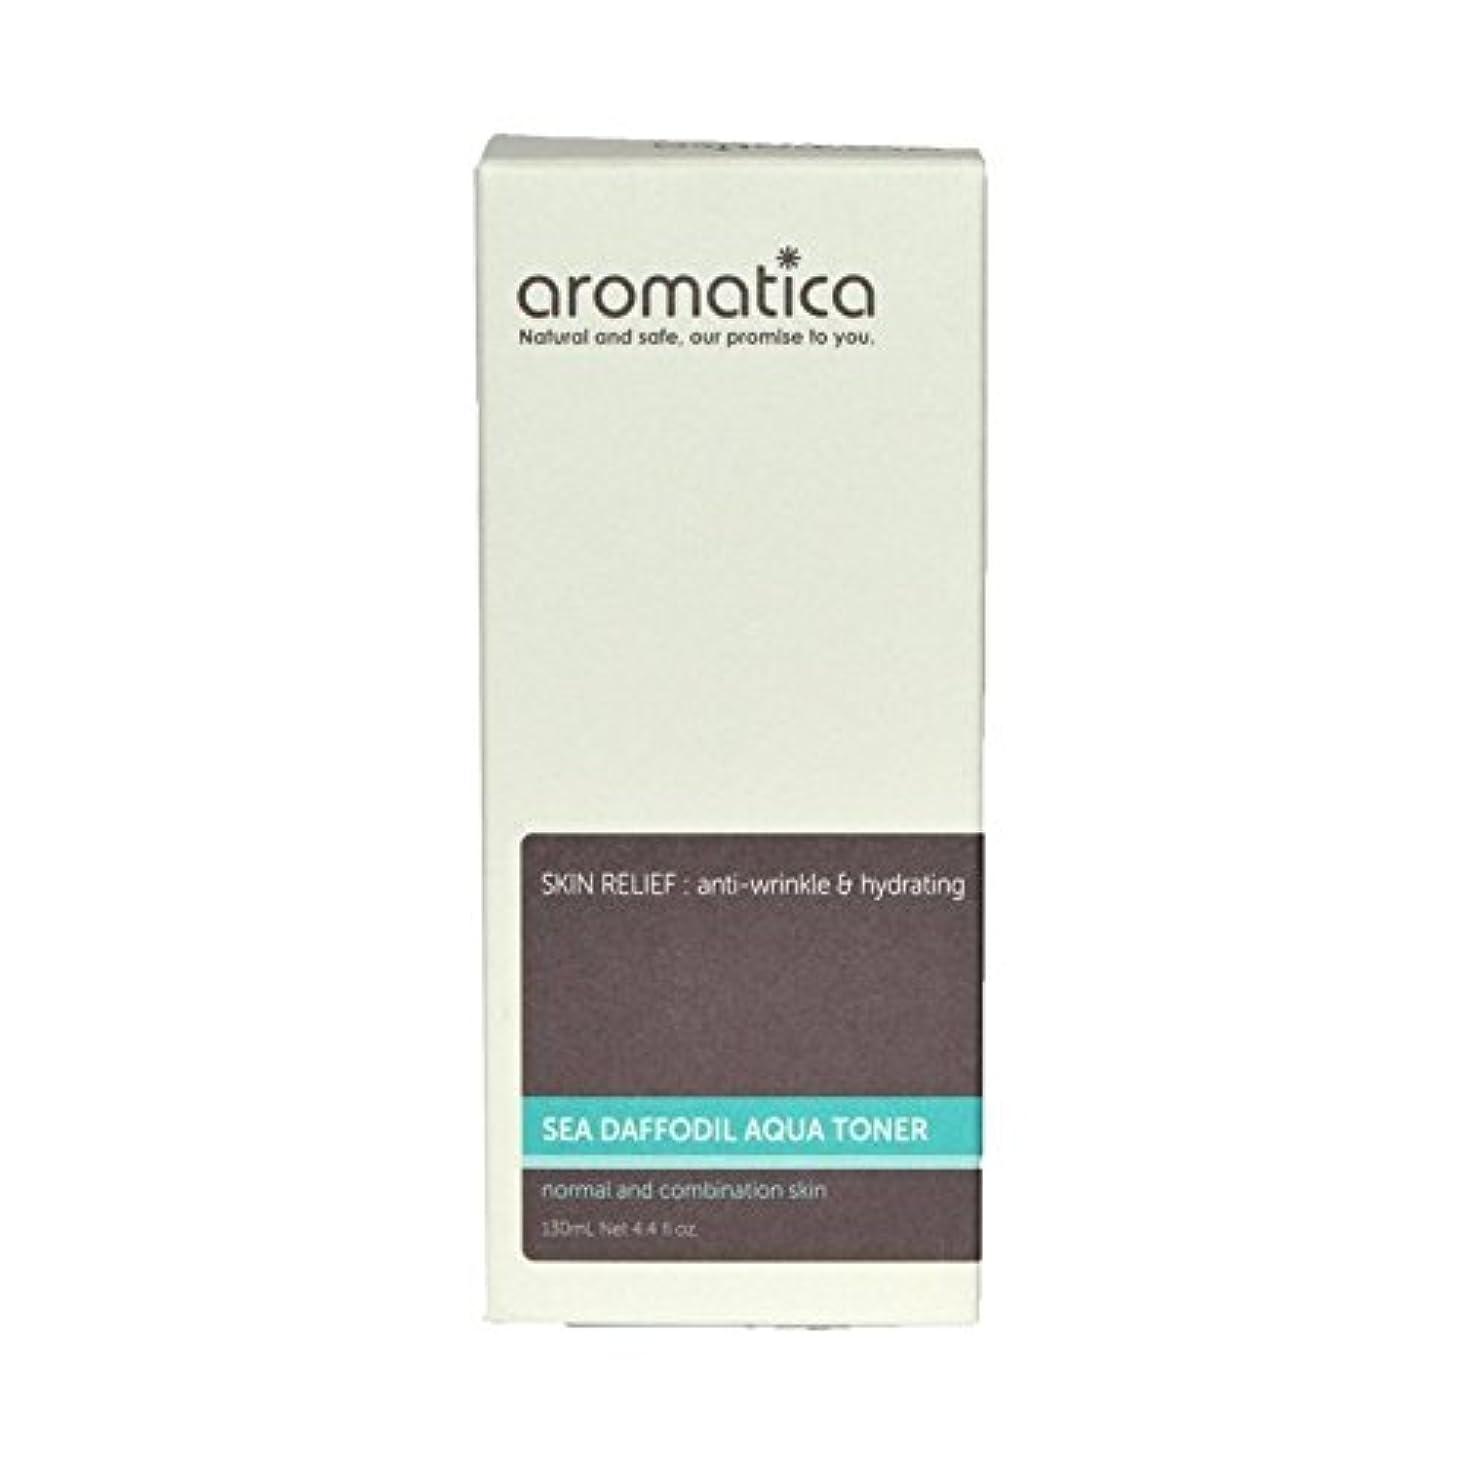 拡大する元気毎月aromatica Sea Daffodil Aqua Toner 130ml (Pack of 6) - 海スイセンアクアトナー130ミリリットル x6 [並行輸入品]